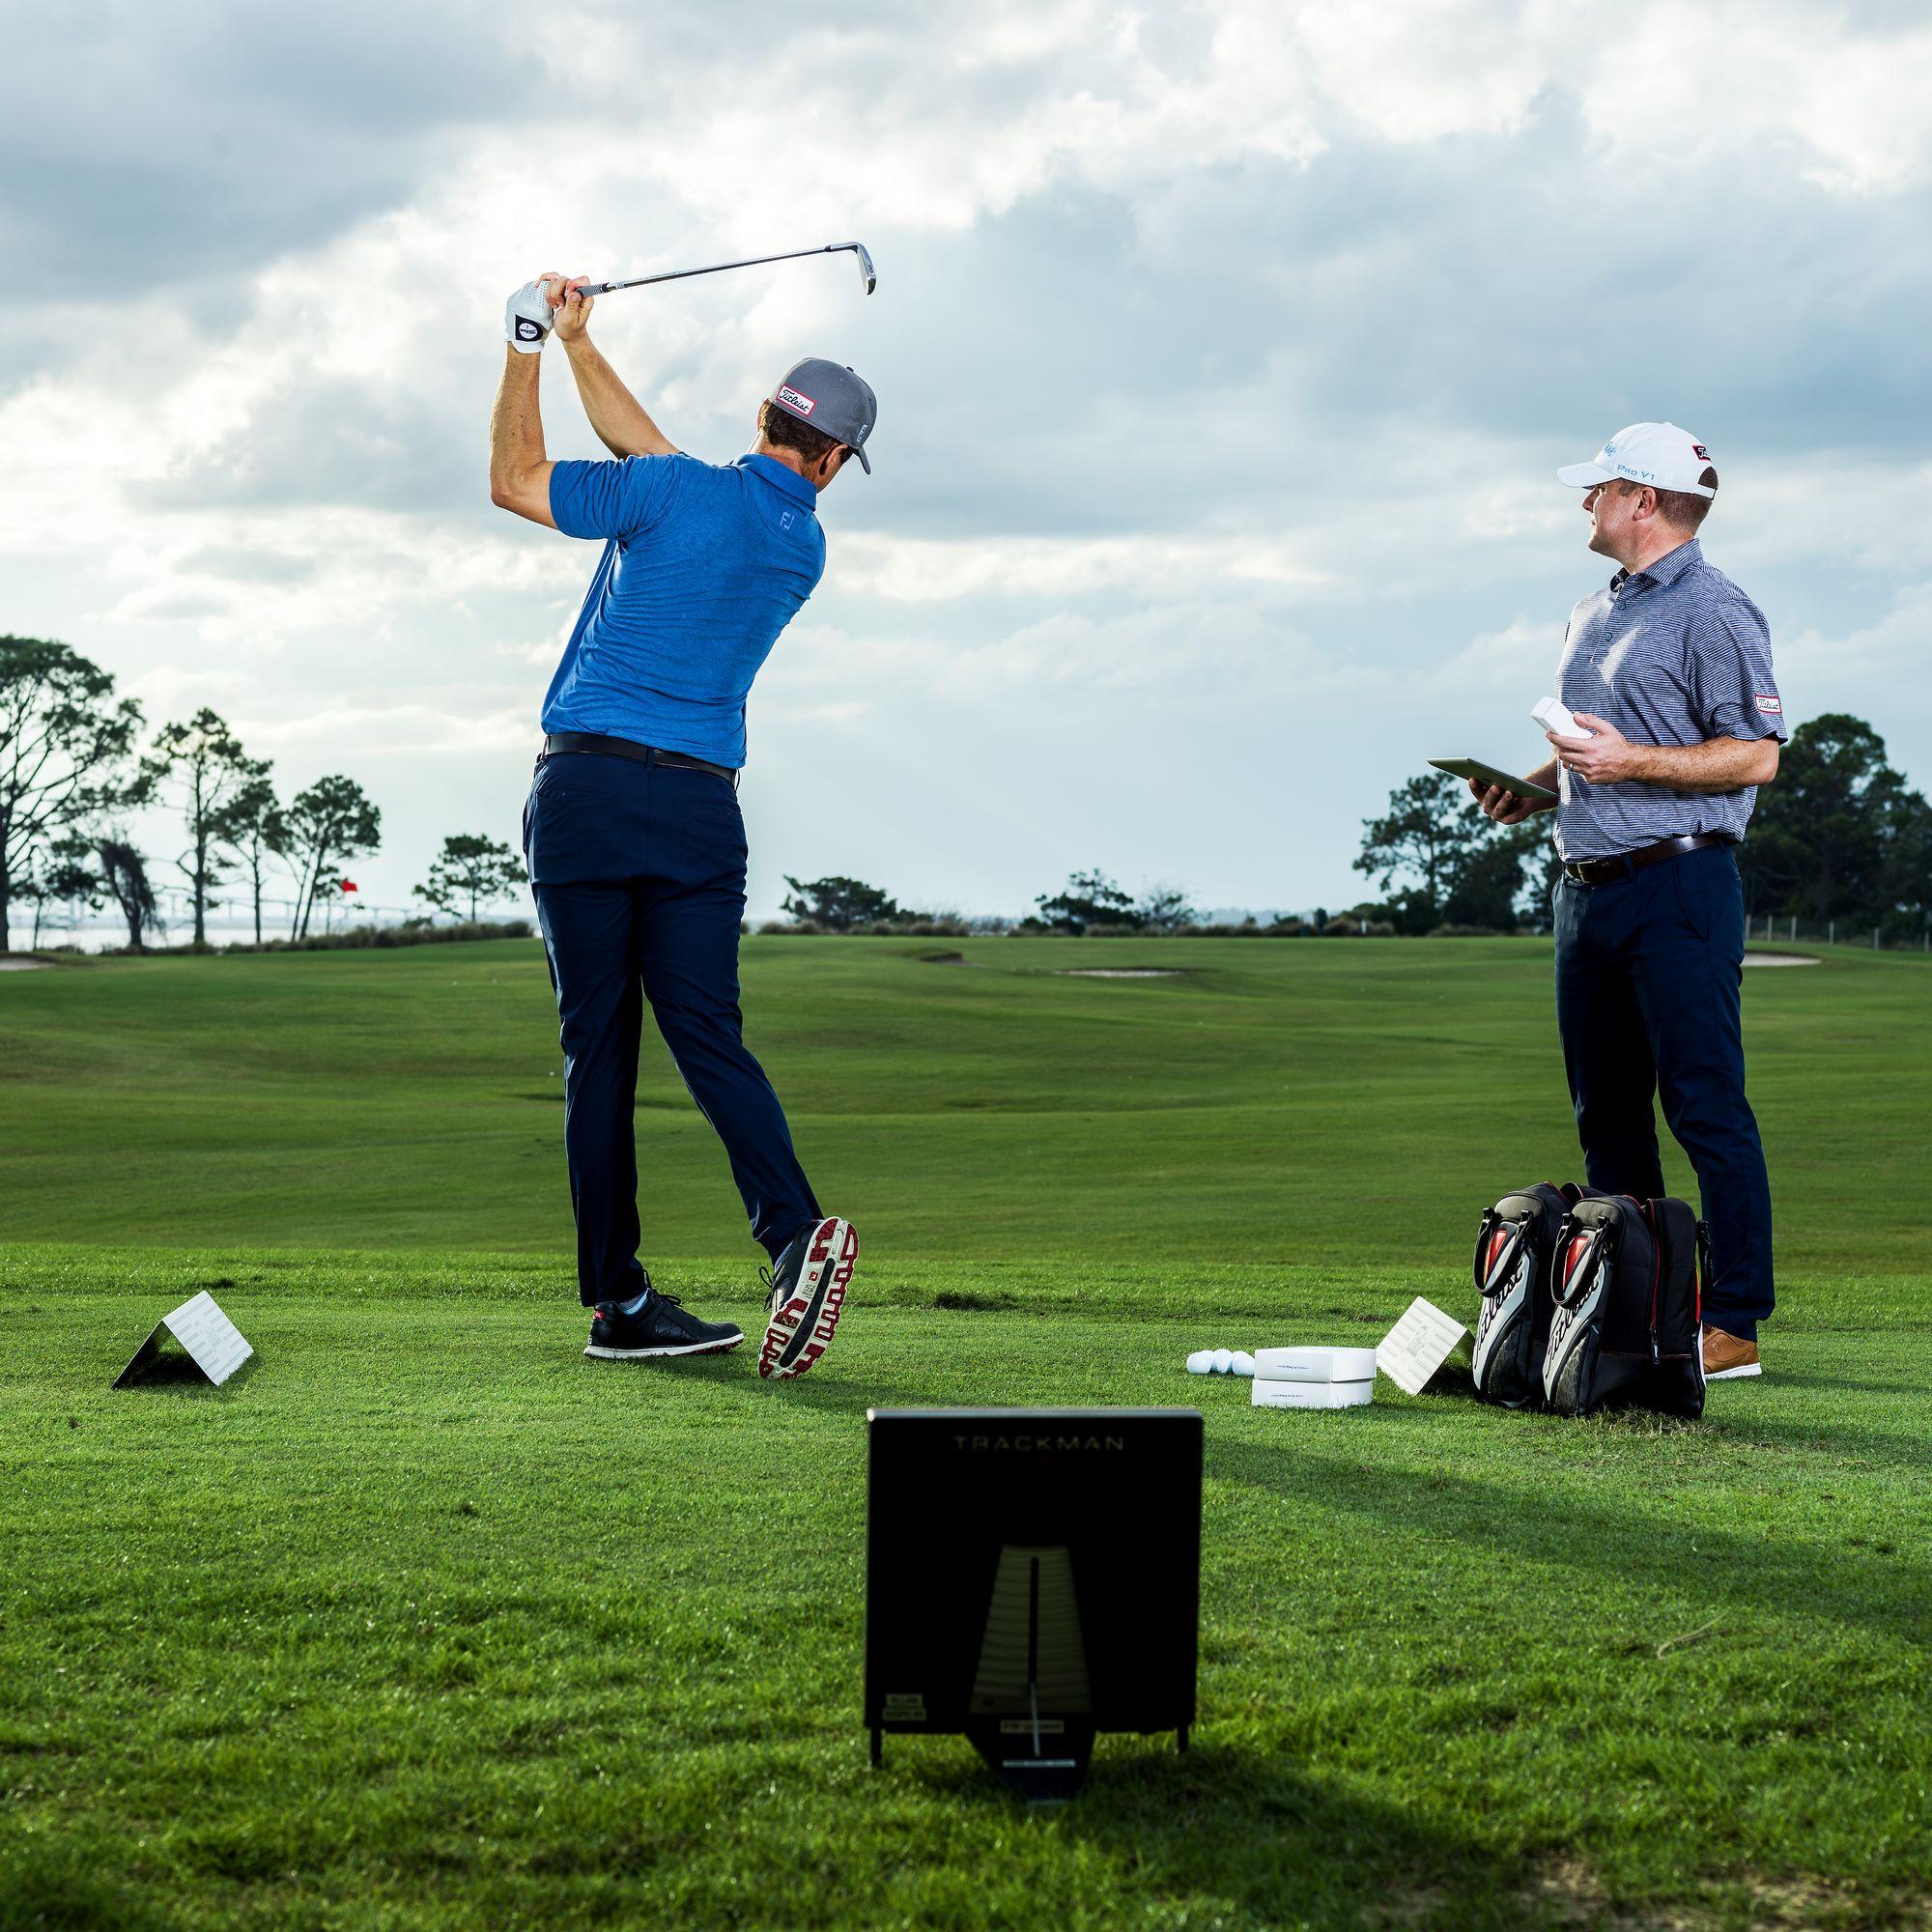 Podsumowanie fittingu piłek golfowych